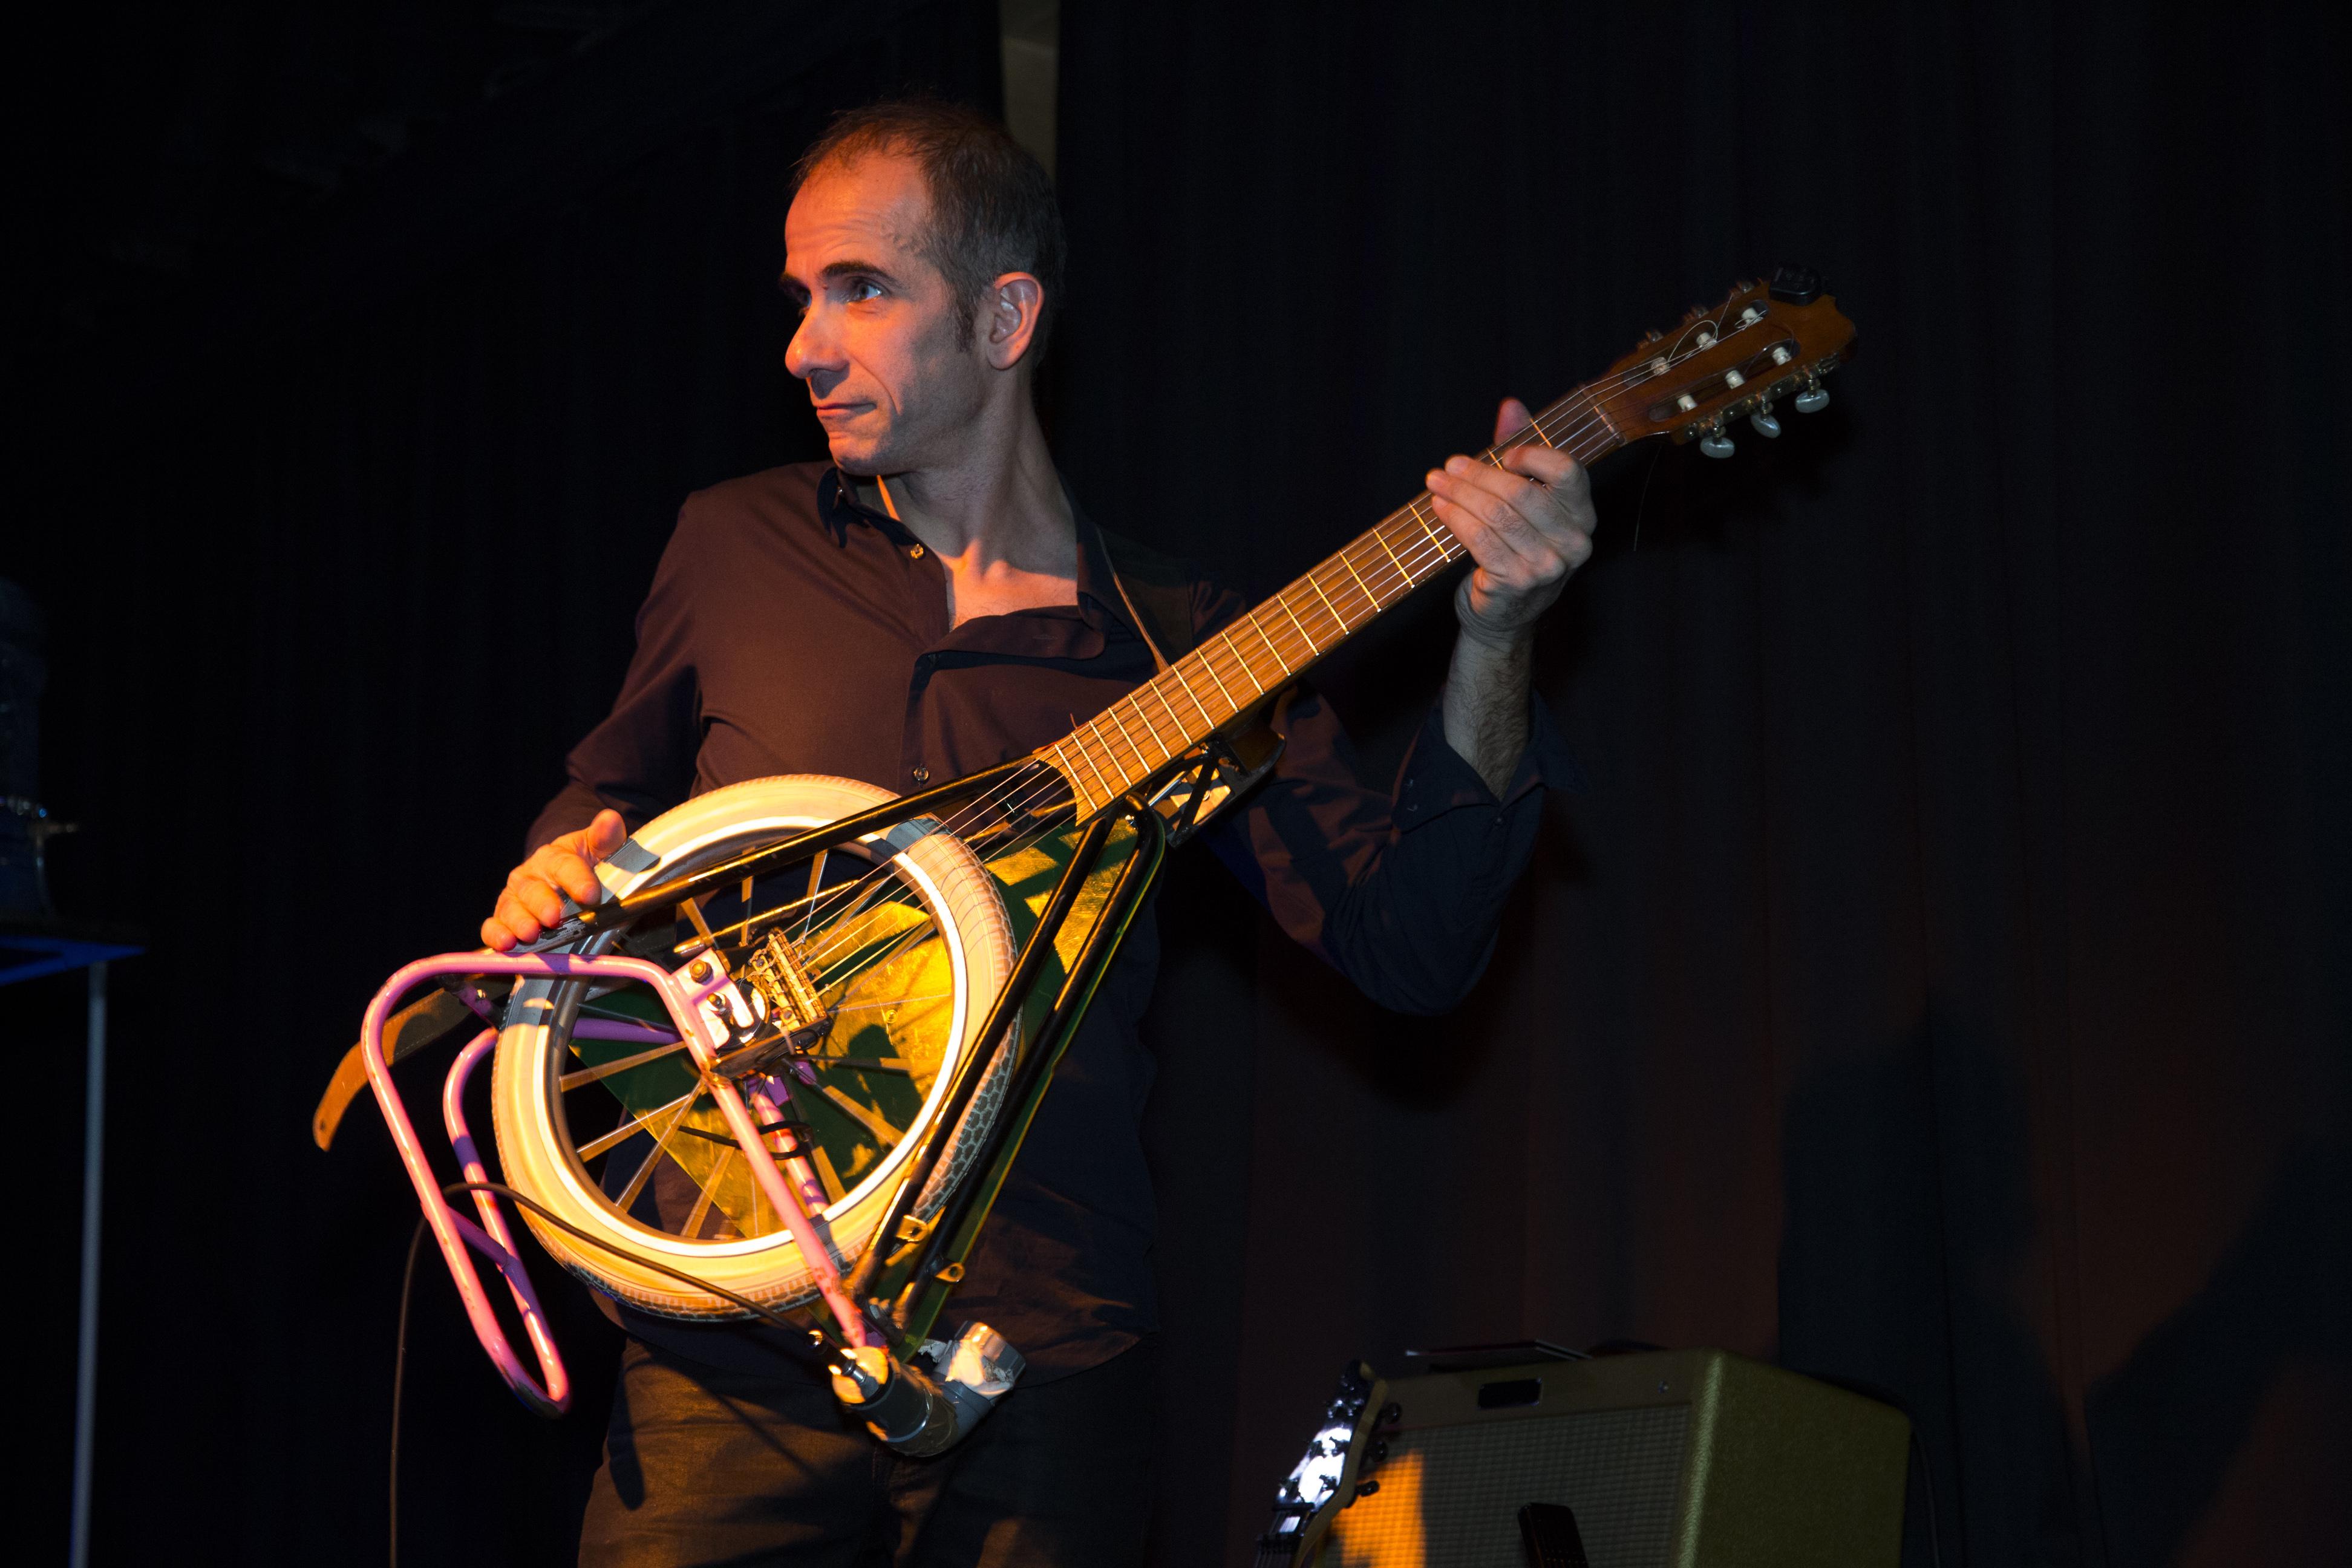 urbasonic-guitarevélo-